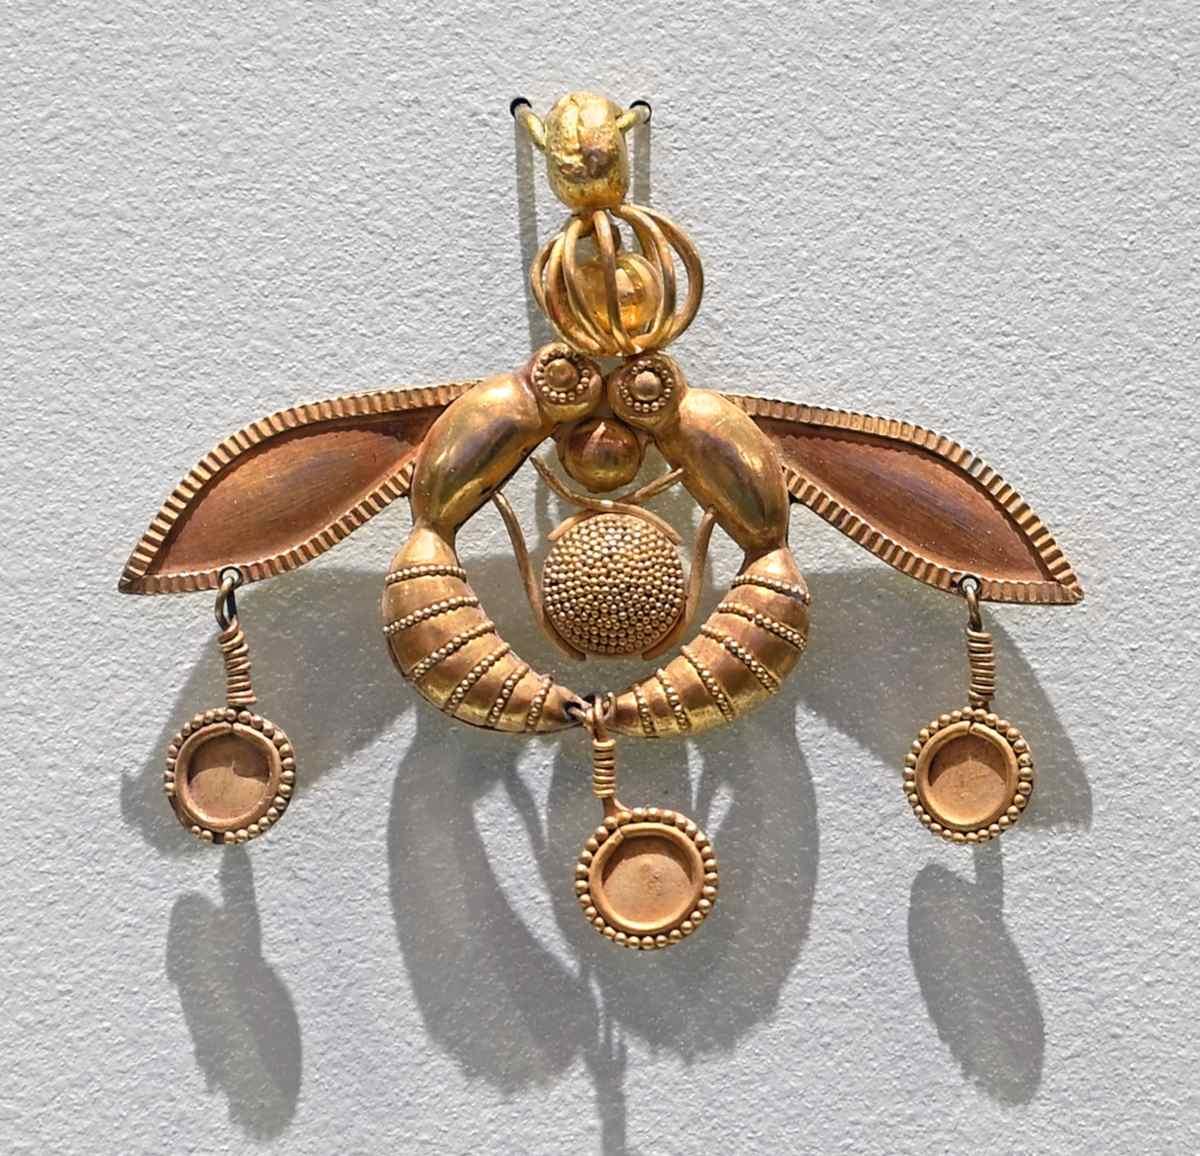 χρυσό κόσμημα με τη Διπλή Μέλισσα - Μάλια Κρήτη